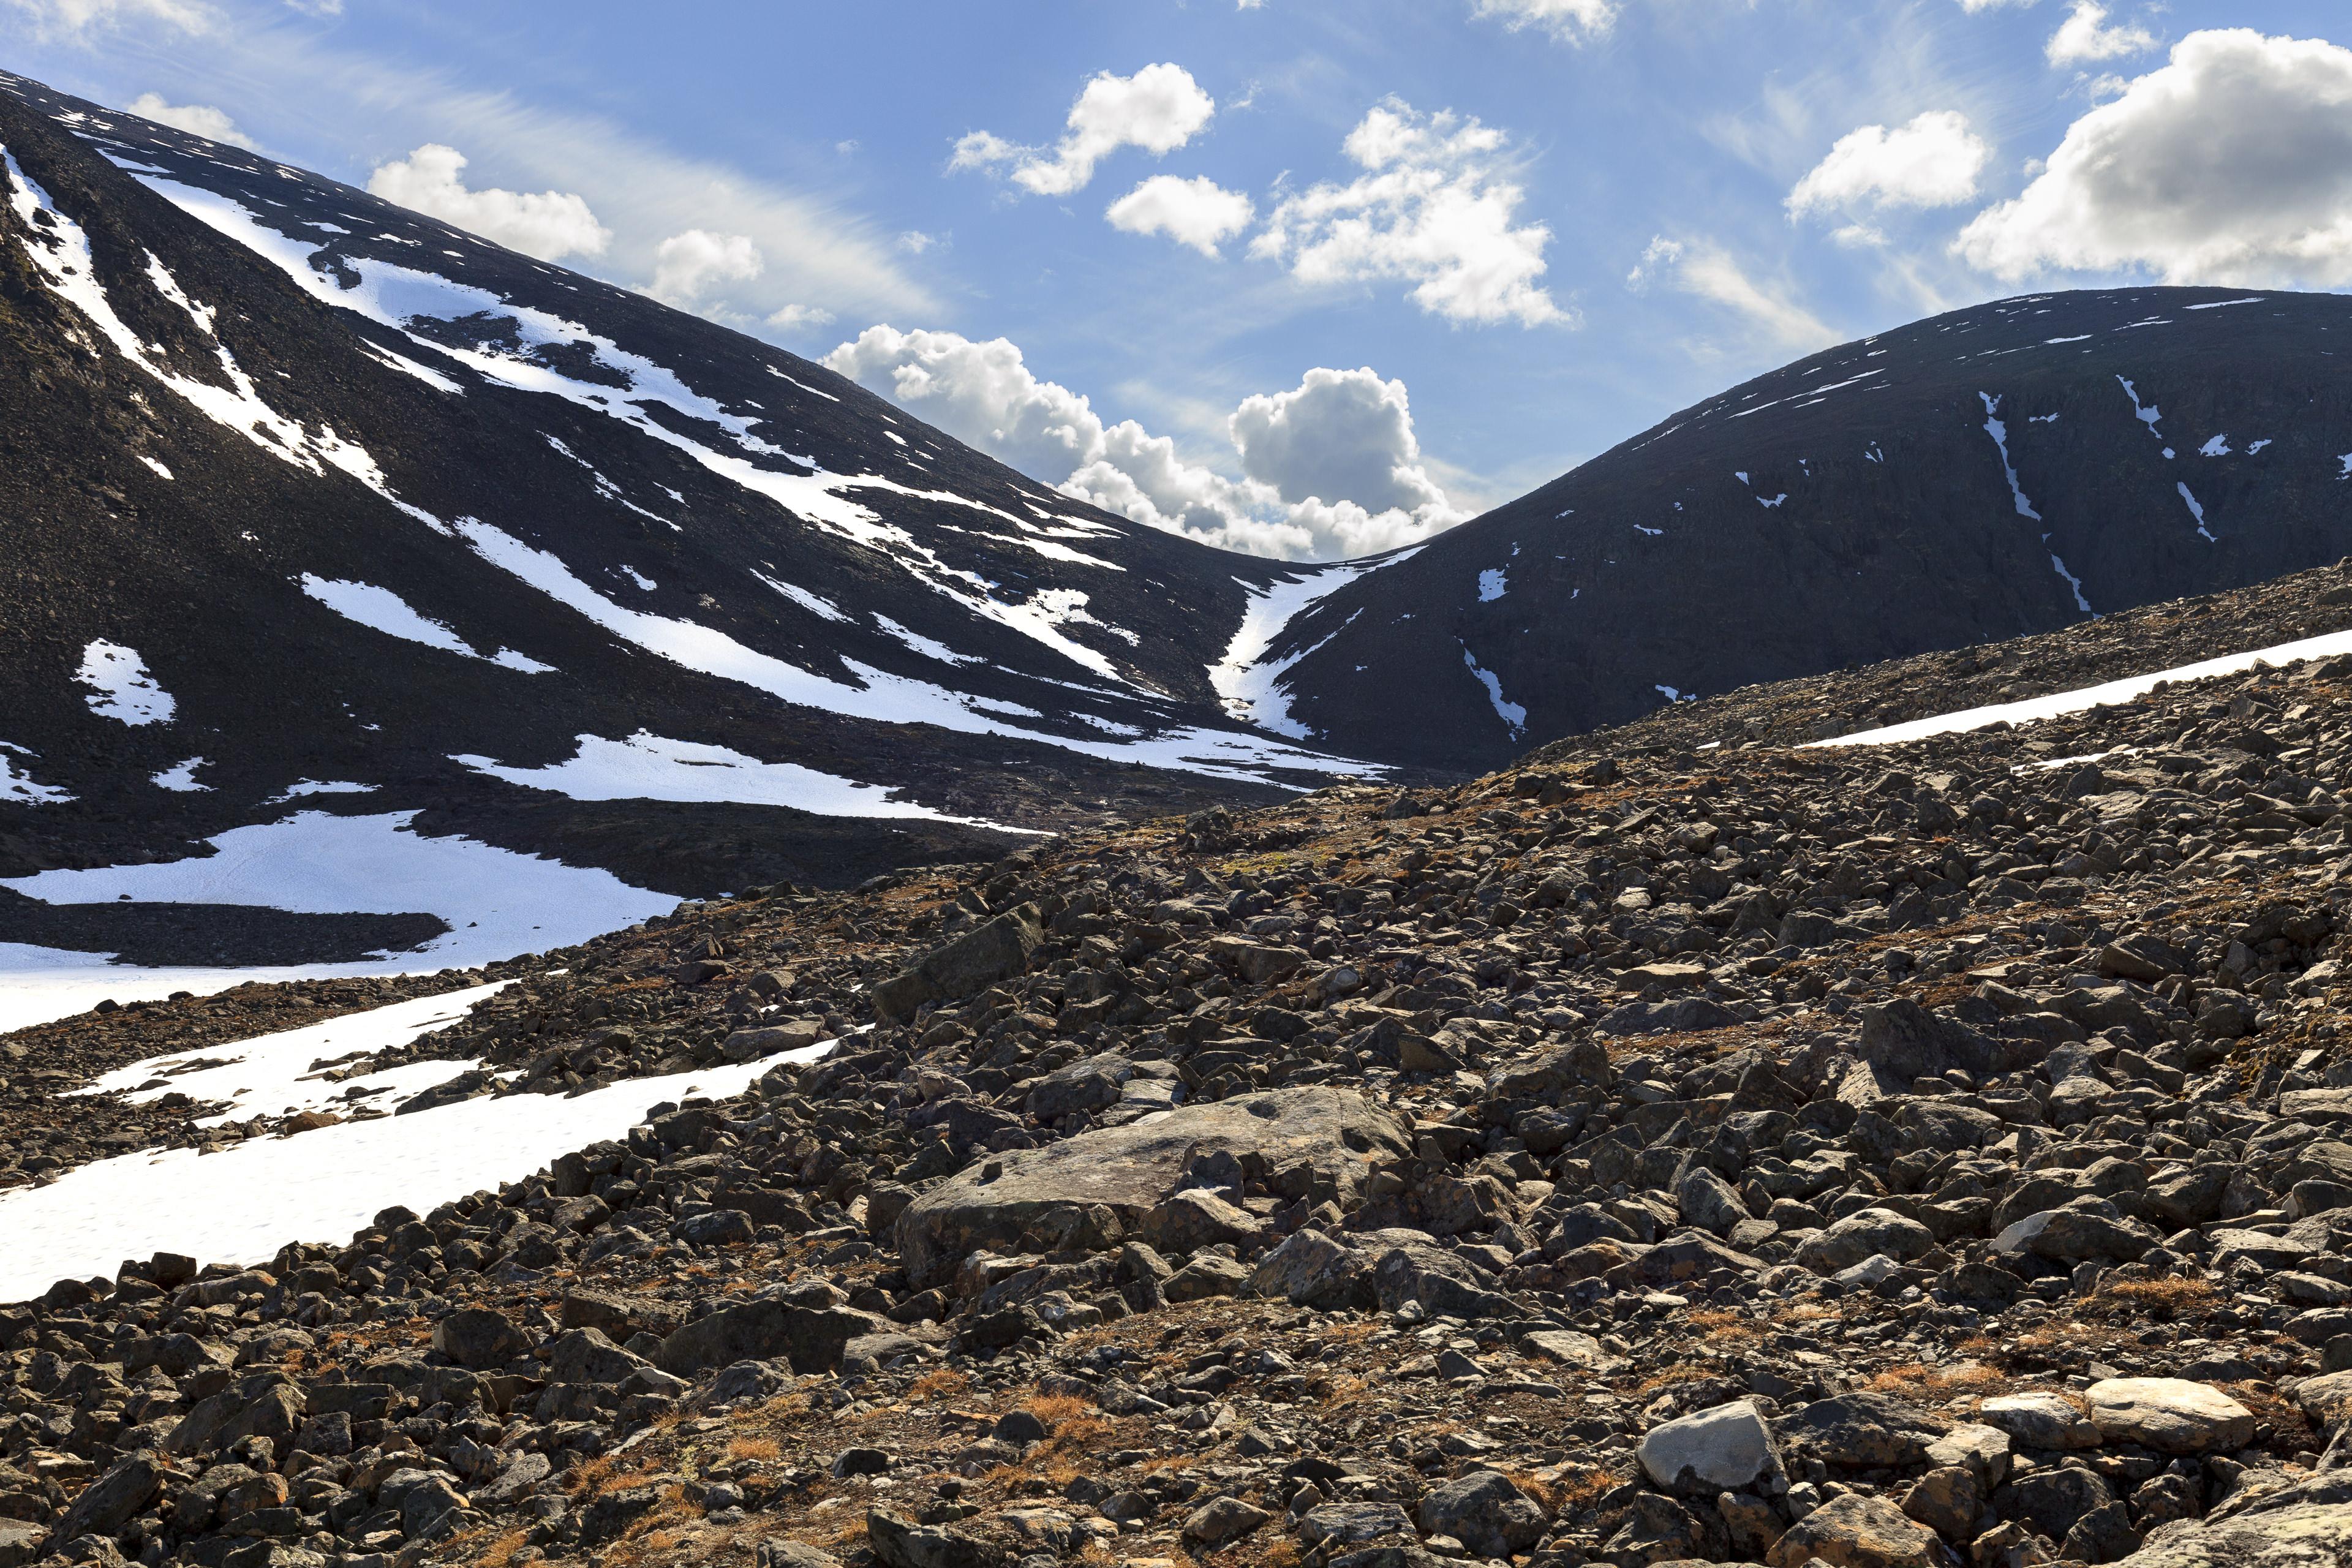 Aufstieg durch das Seitental des Sinnivággi,©Markus Proske—Canon EOS 5D Mark II, EF16-35mm f/4L IS USM, 35mm, 1/200s, Blende 8, ISO 200